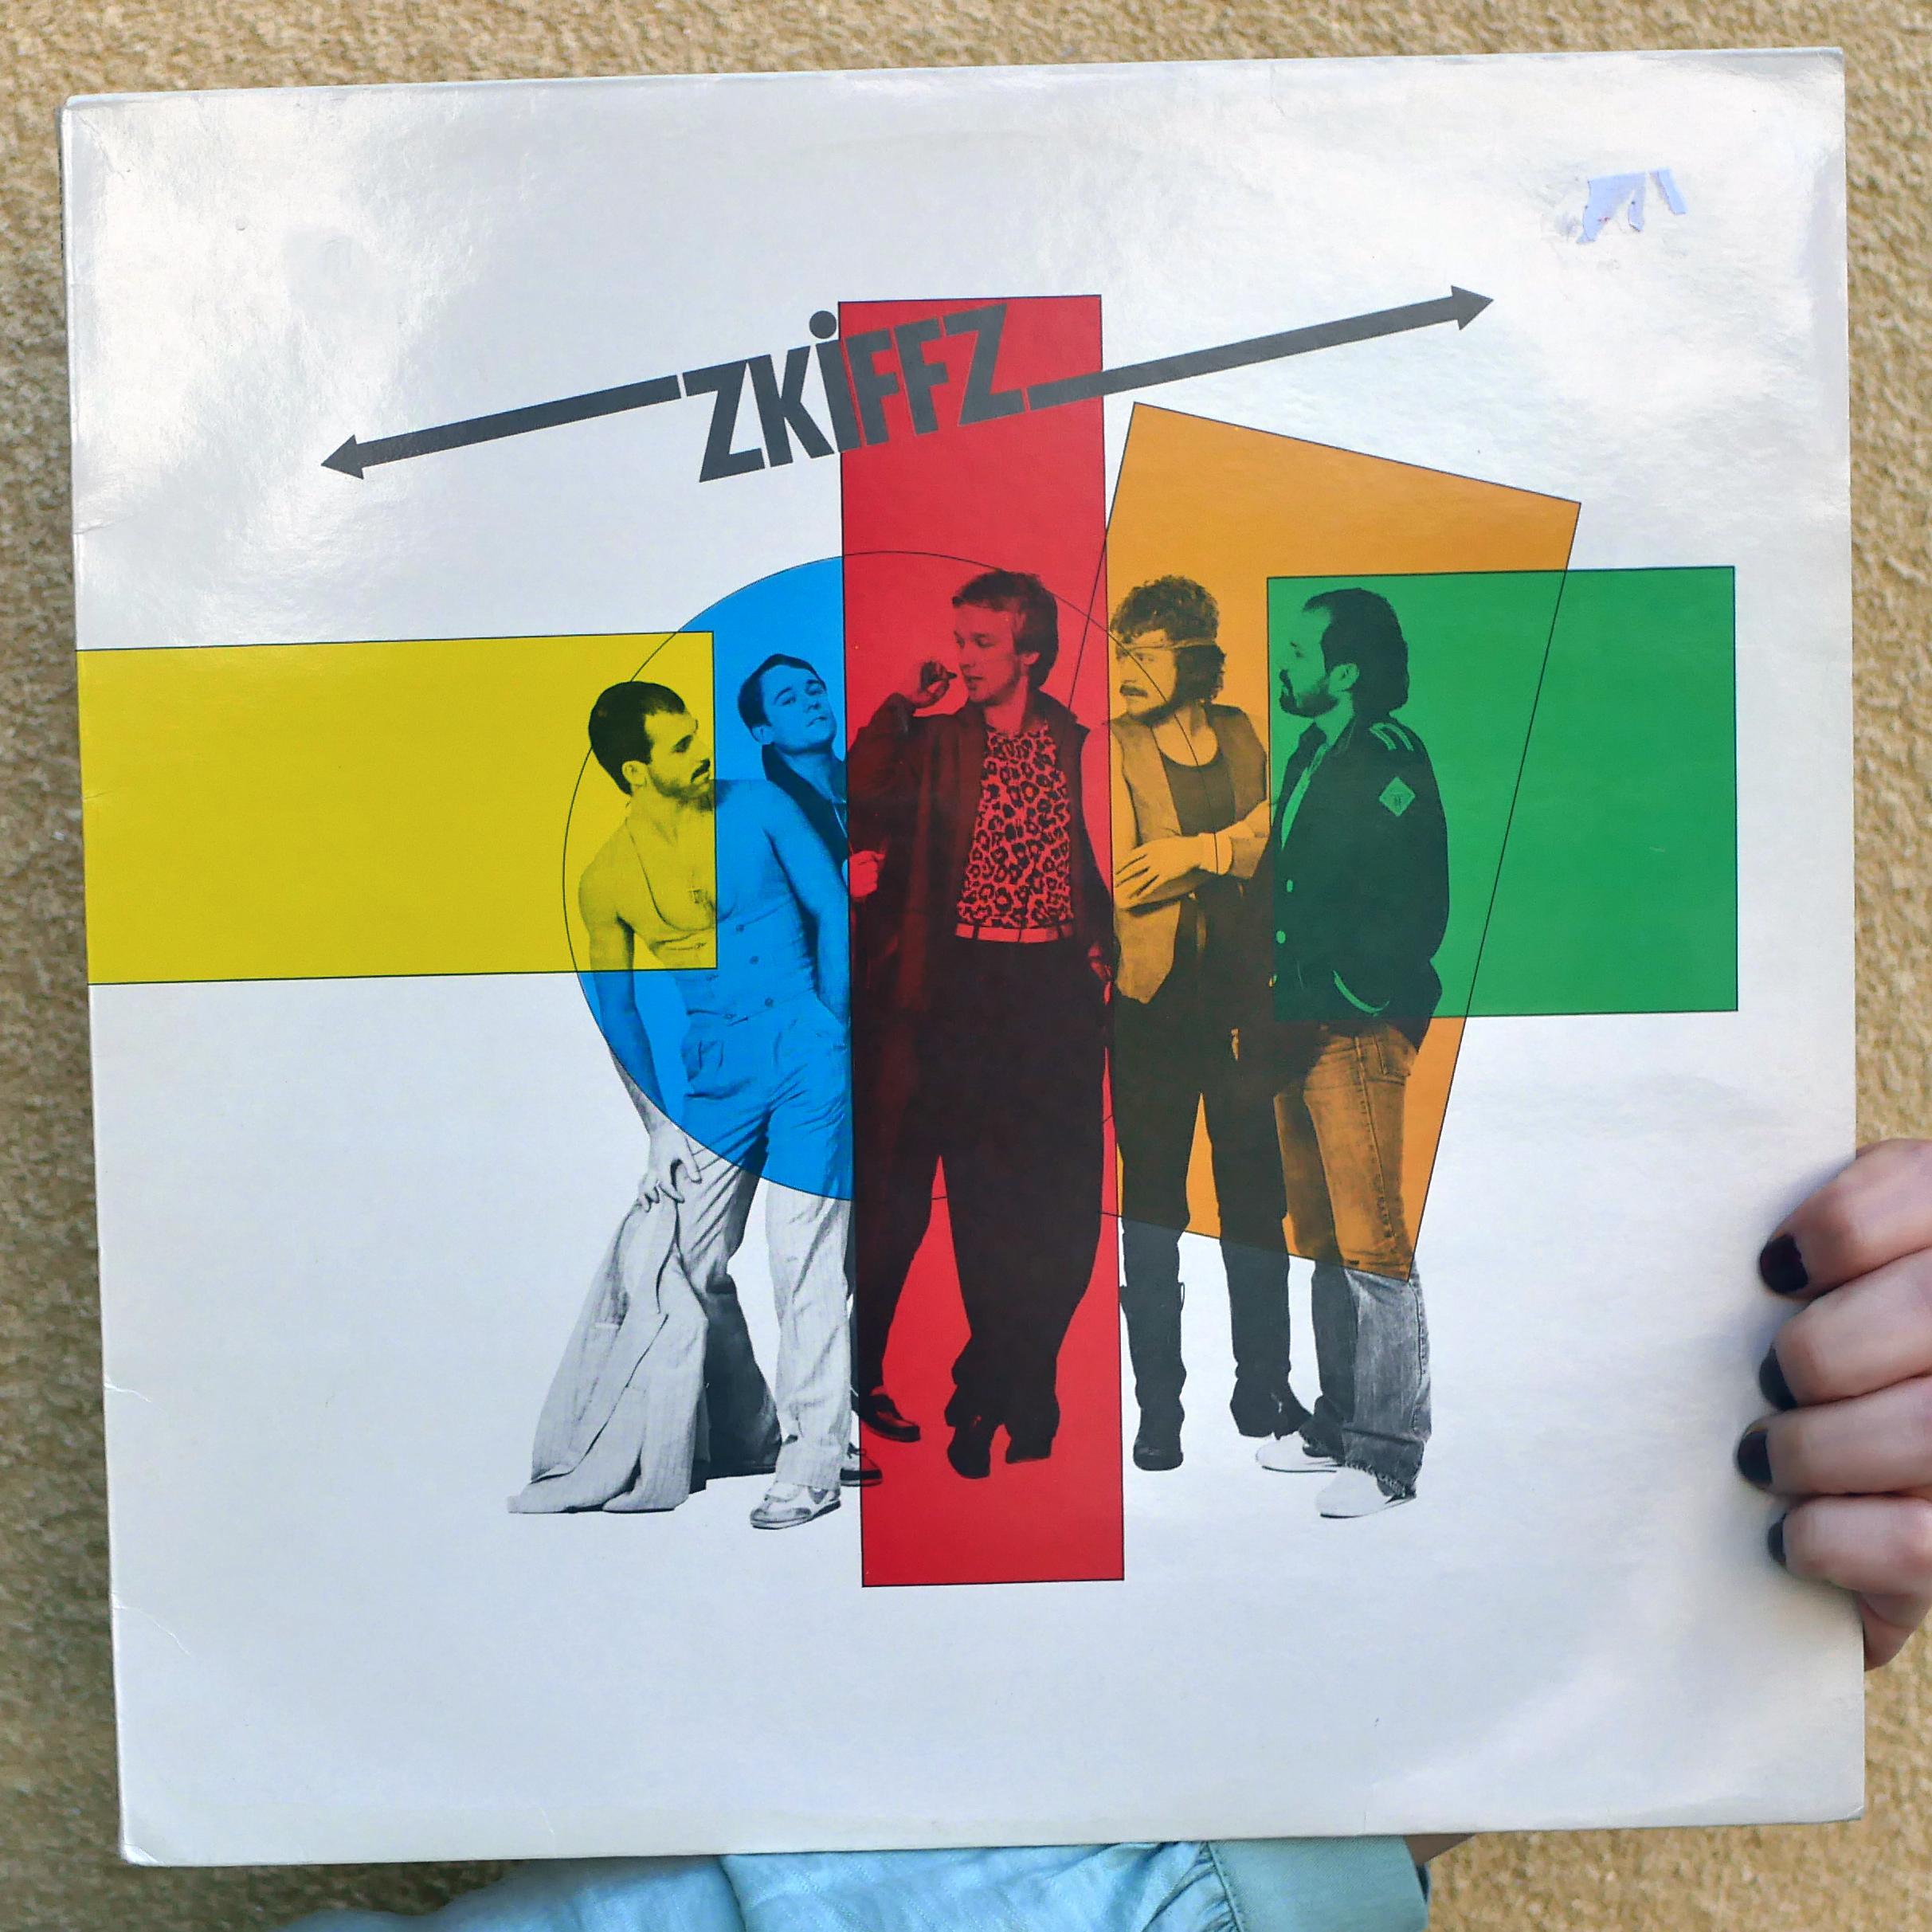 Zkiffz –Zkiffz [LP, 1980]